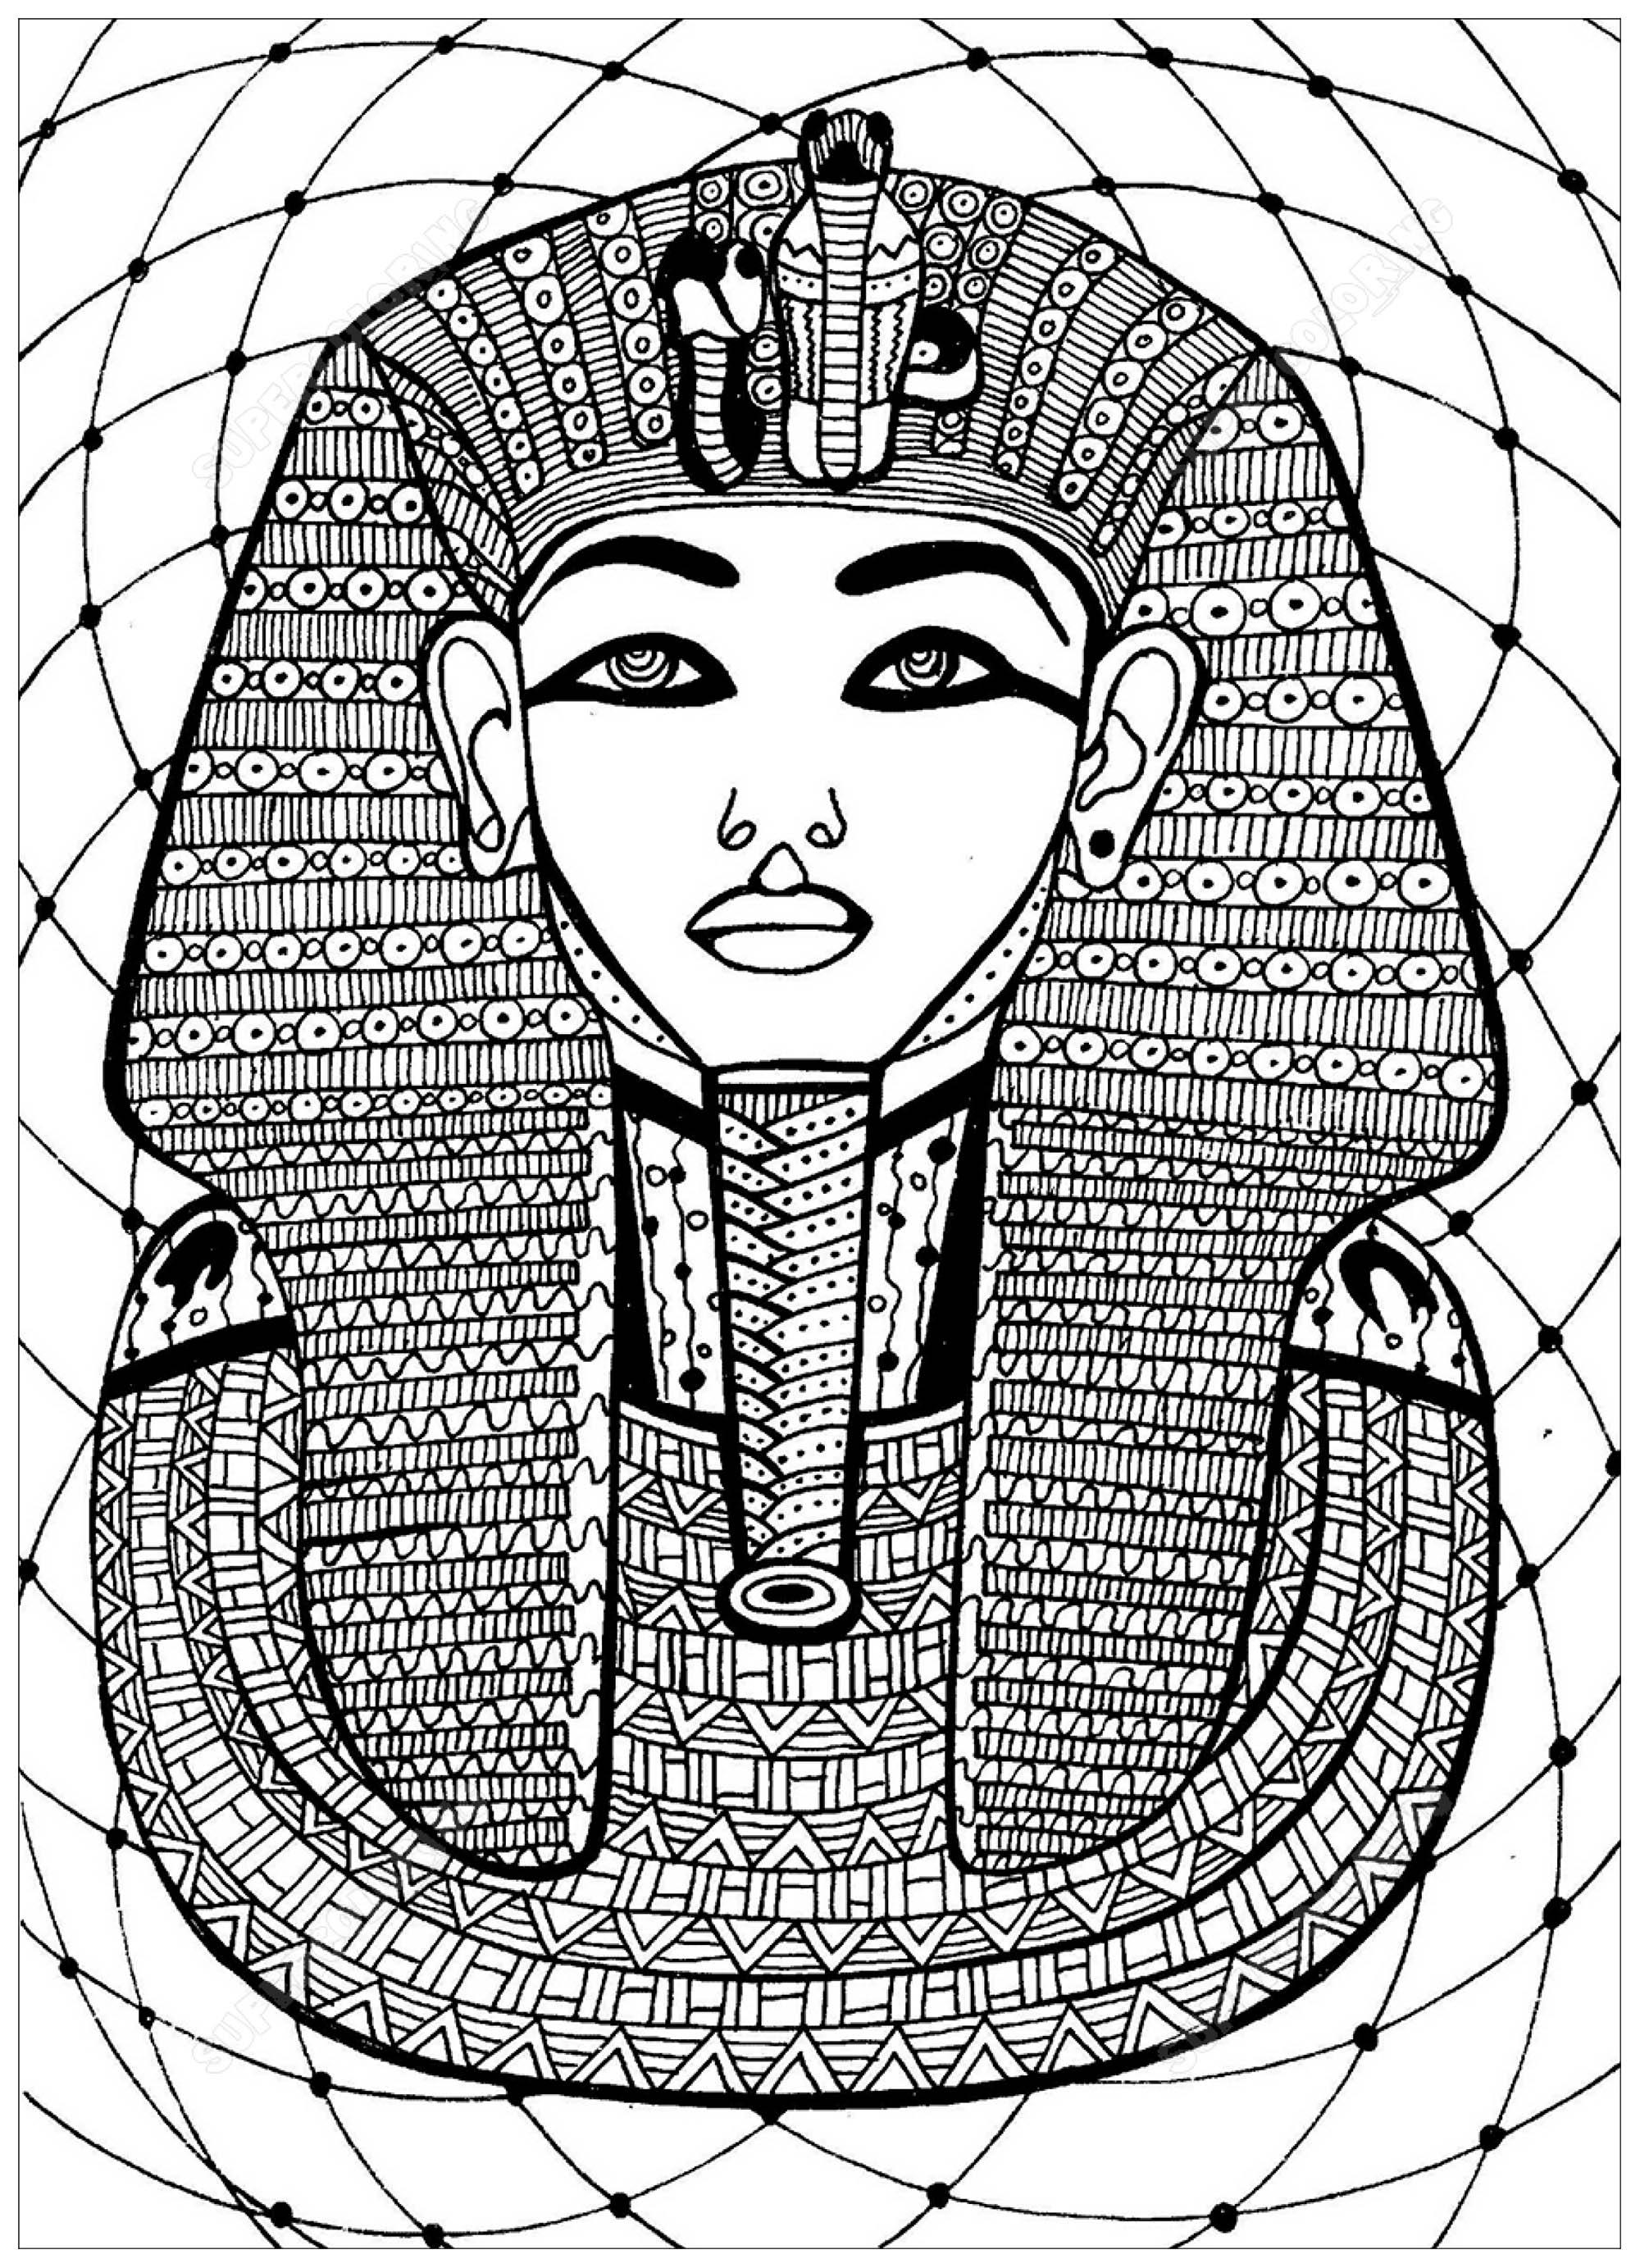 Disegni da colorare per adulti : Egitto & Geroglifici - 9